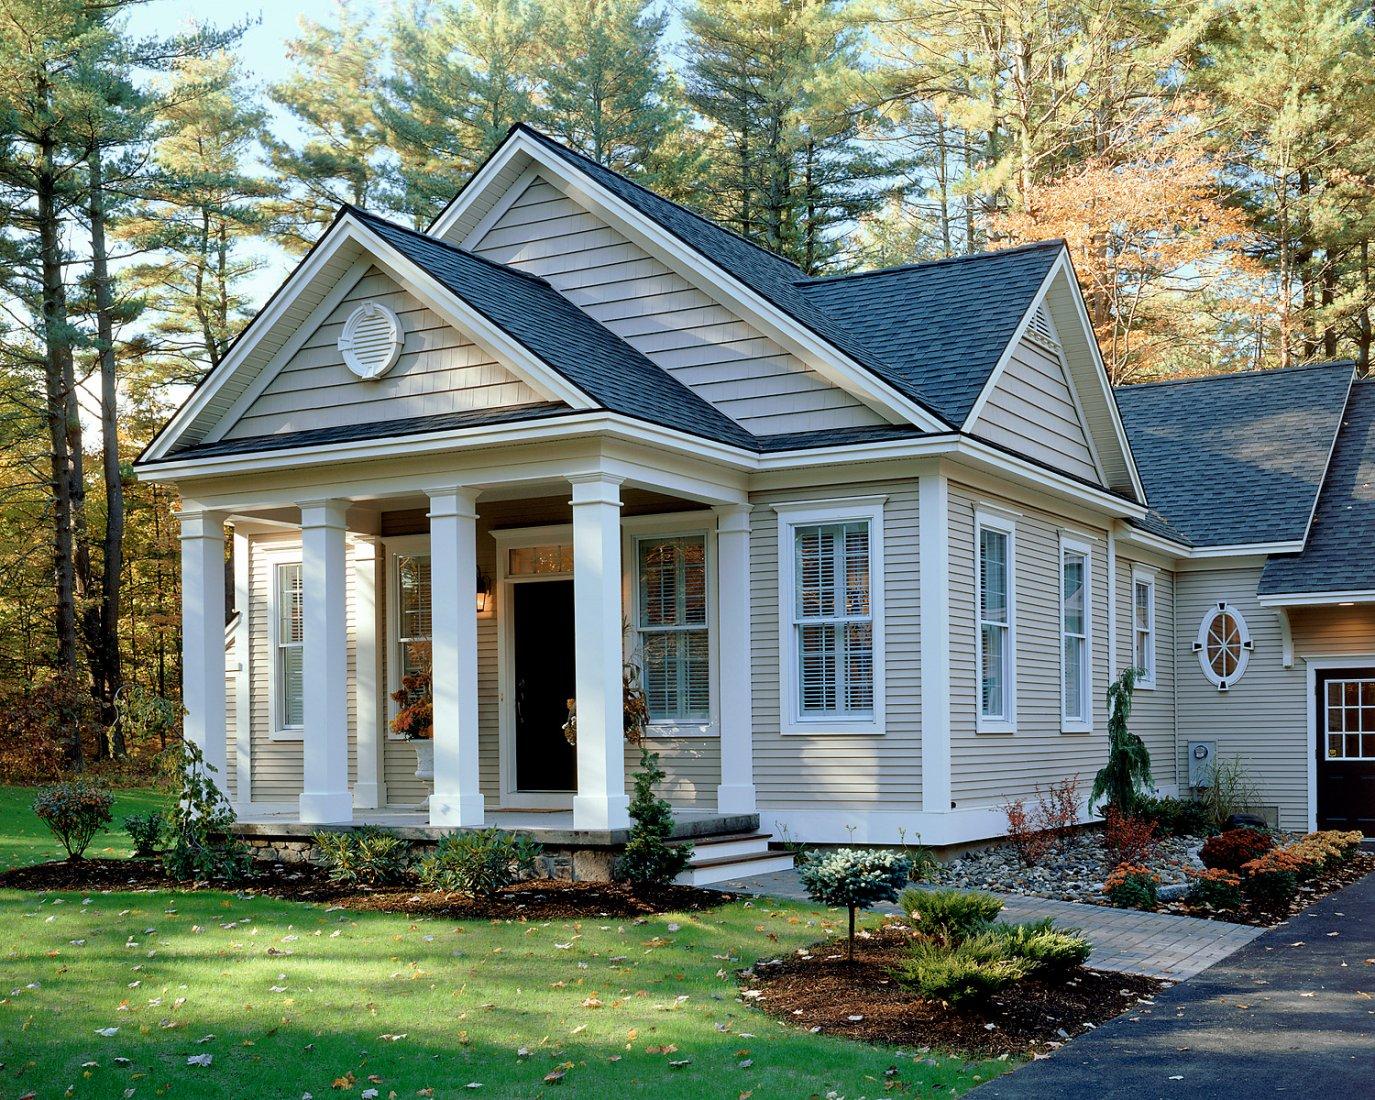 Fabulous Exterior House Paint Colors 7 No Fail Ideas Bob Vila Largest Home Design Picture Inspirations Pitcheantrous